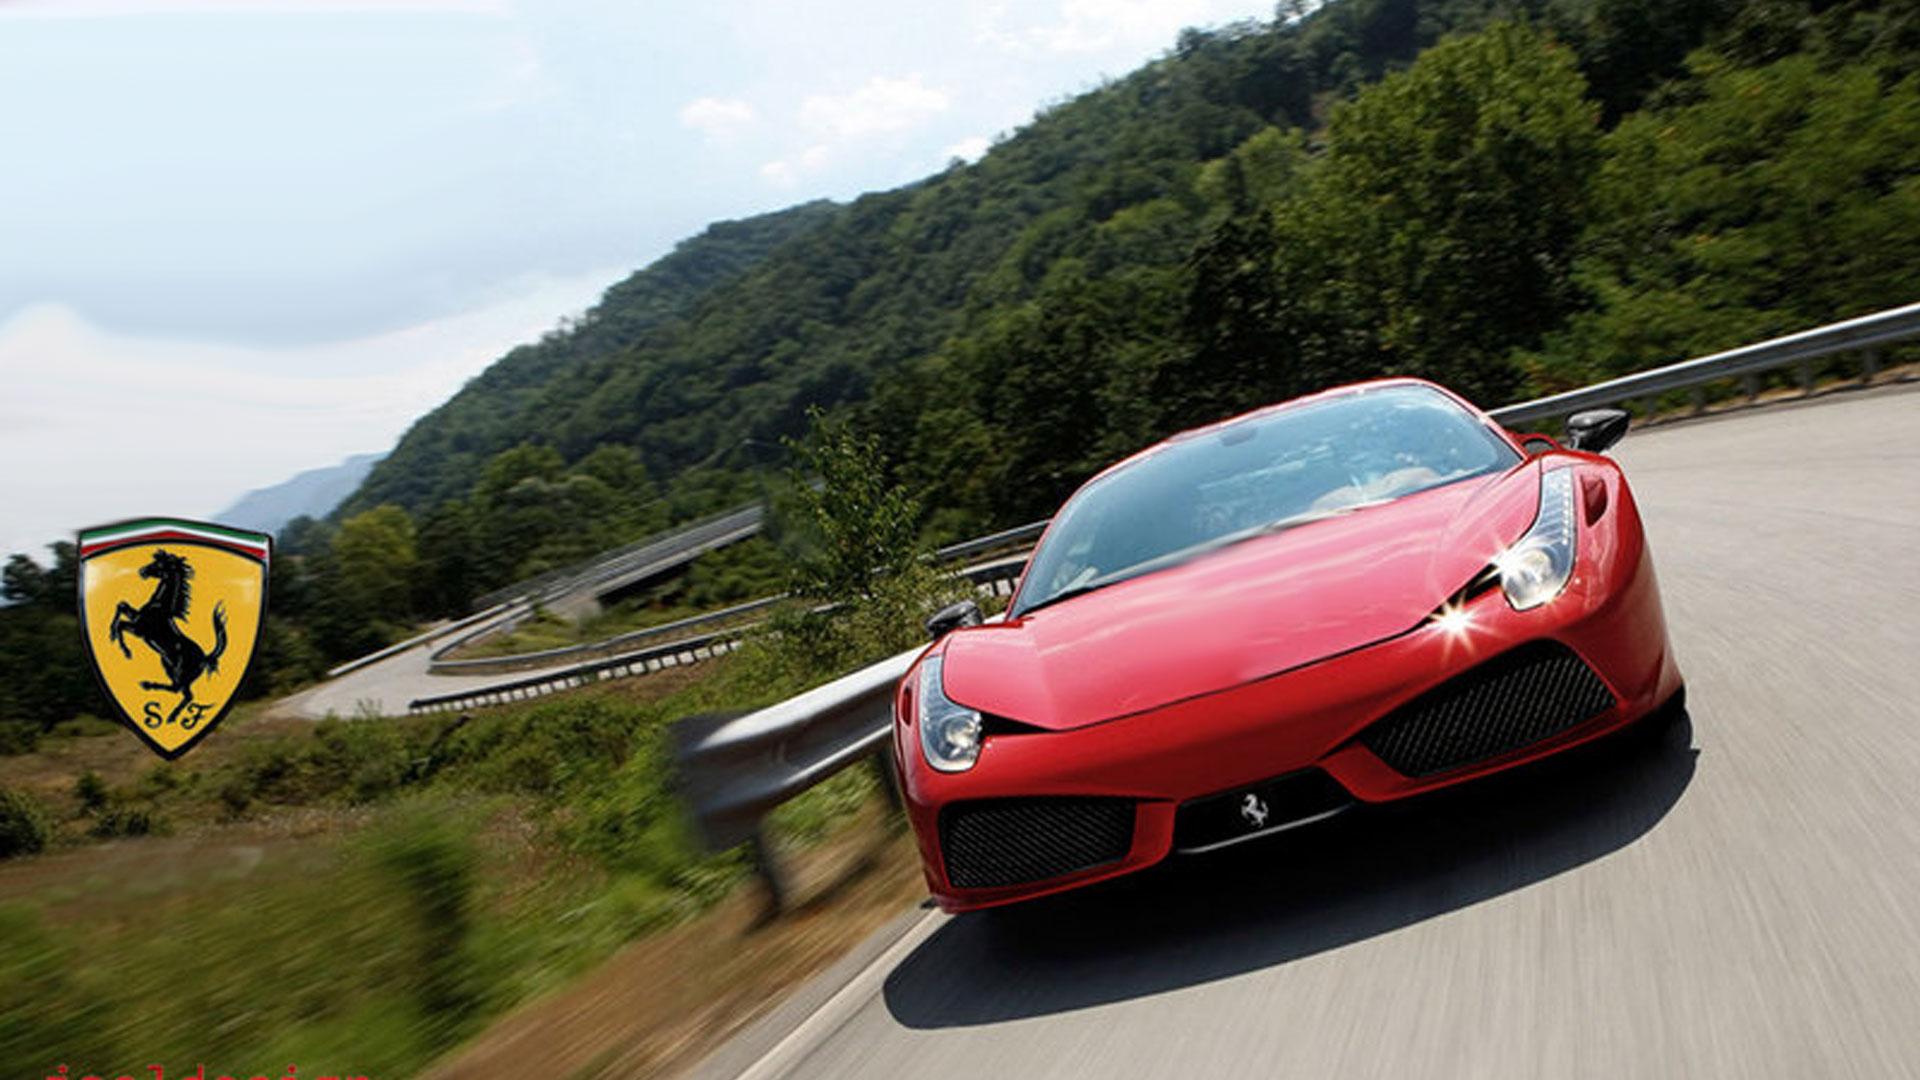 Ferrari 458 Spider pictures